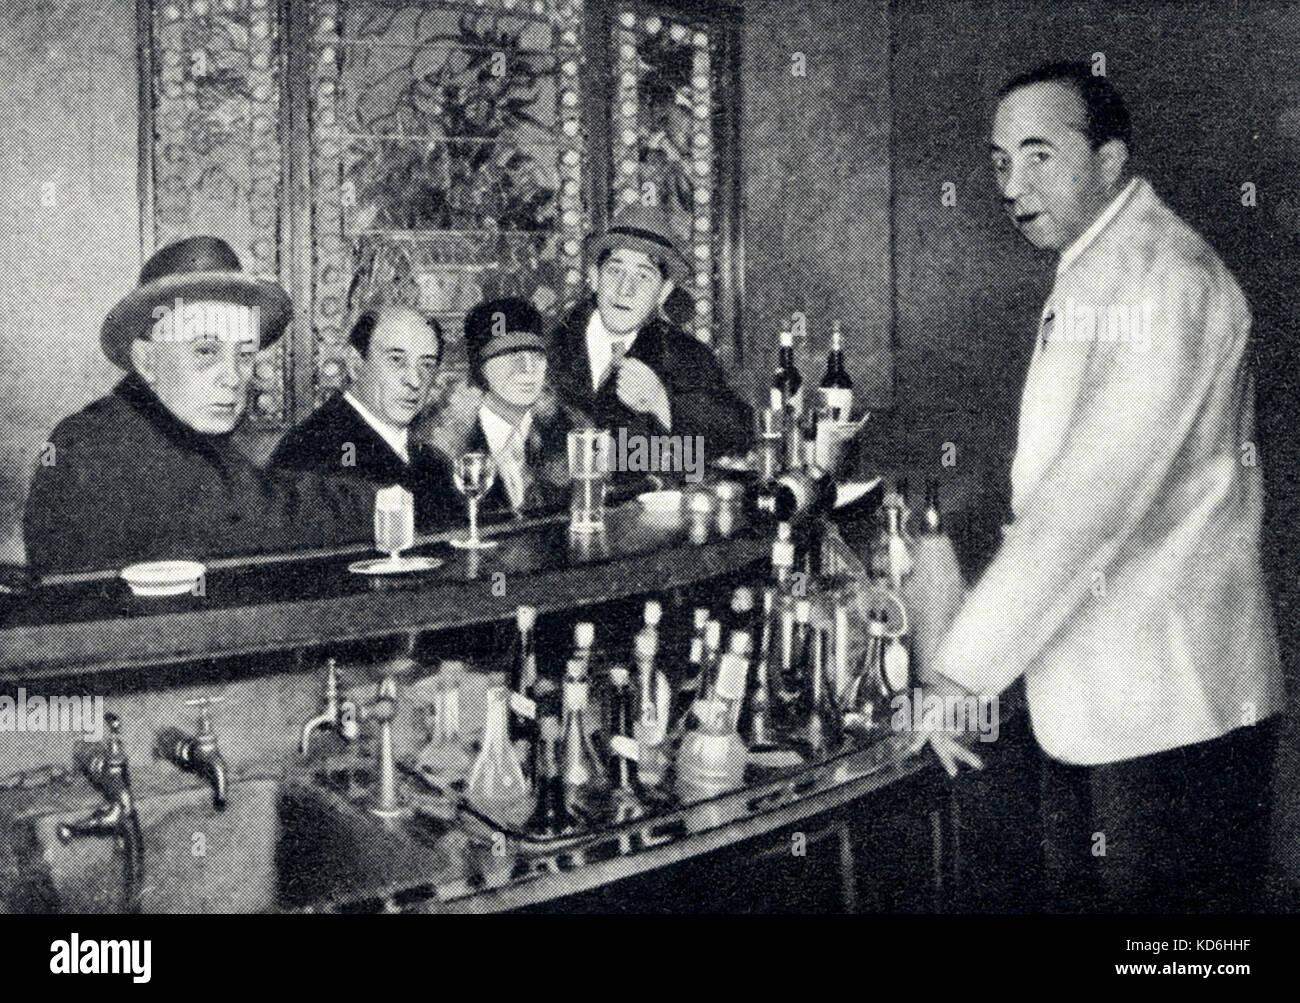 Arnold Schoenberg at bar with friends in Berlin. From left: Adolf Loos, Arnold Schoenberg, Gertrud Schoenberg, Oskar Kokoschka. Austrian composer, 1874-1951. Stock Photo